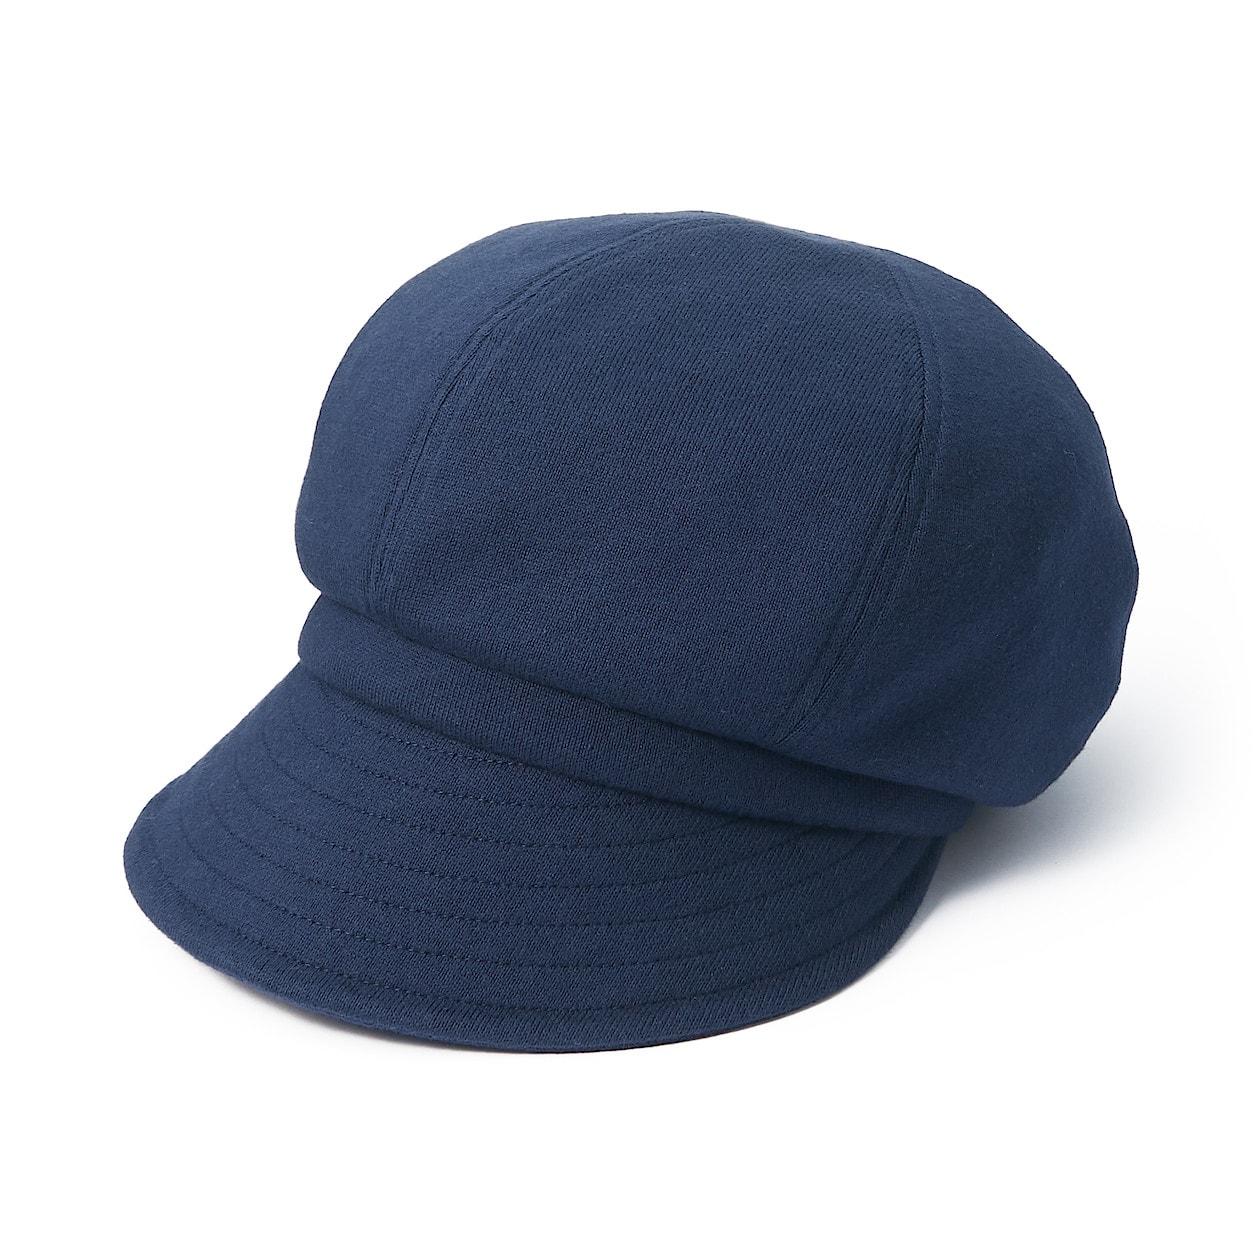 撥水 太番手つば広キャスケット 55~57.5cm・ネイビー | 帽子 ...